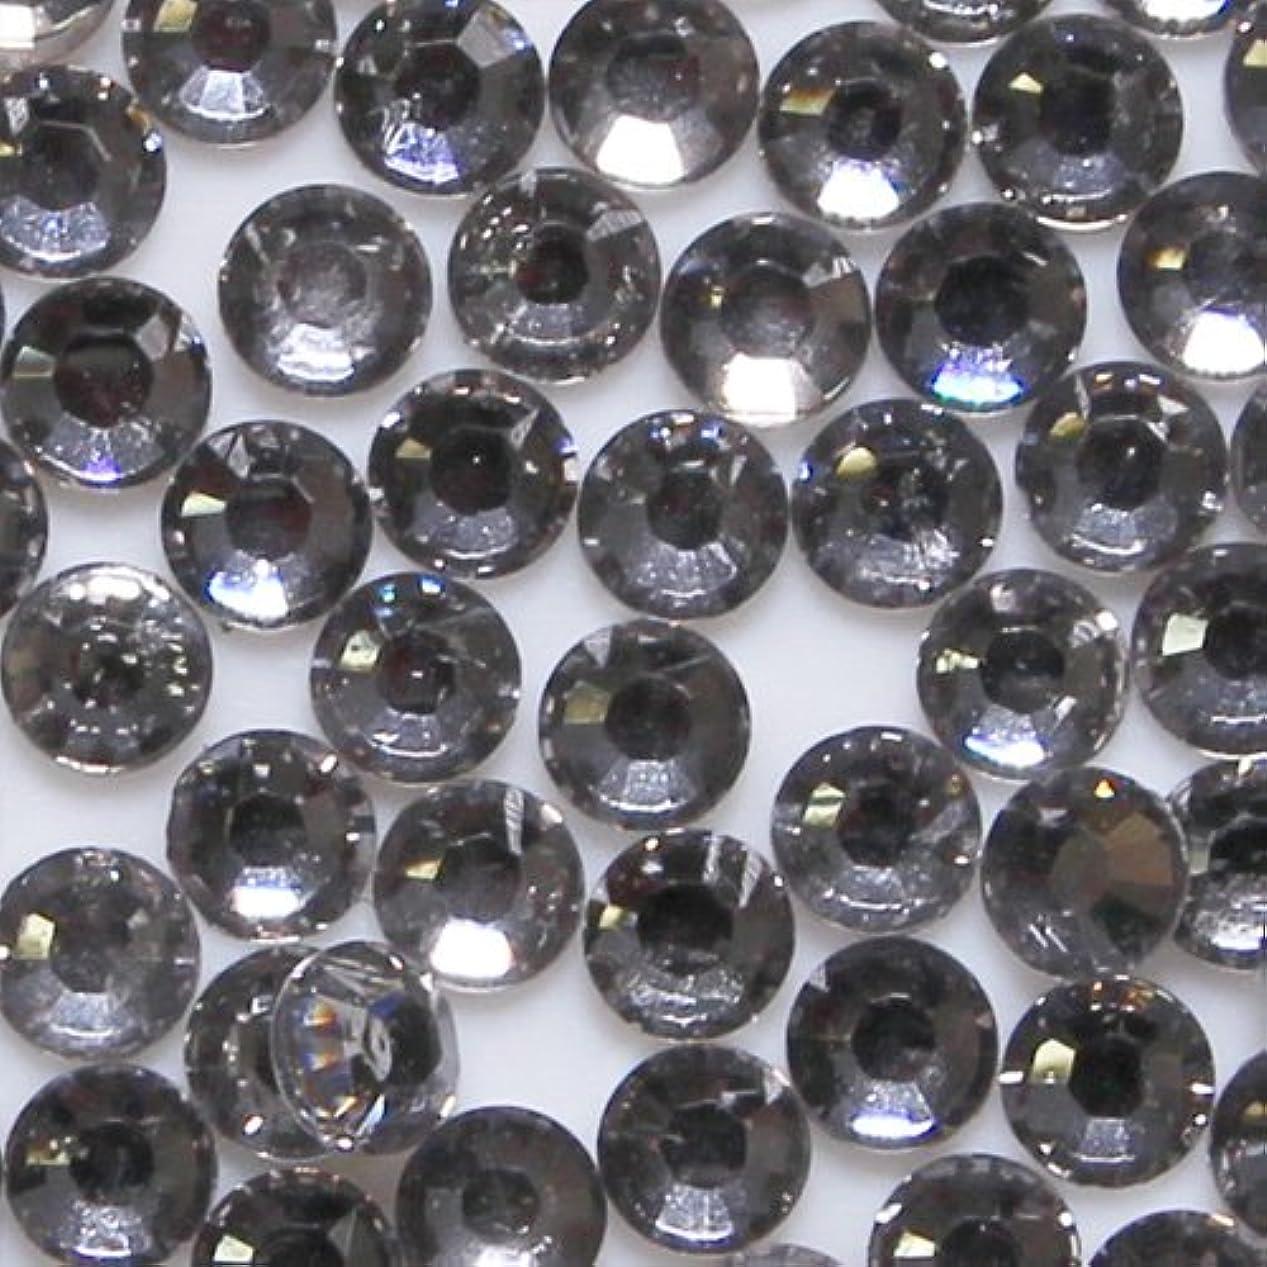 自然動作模索高品質 アクリルストーン ラインストーン ラウンドフラット 約1000粒入り 4mm ブラックダイヤモンド